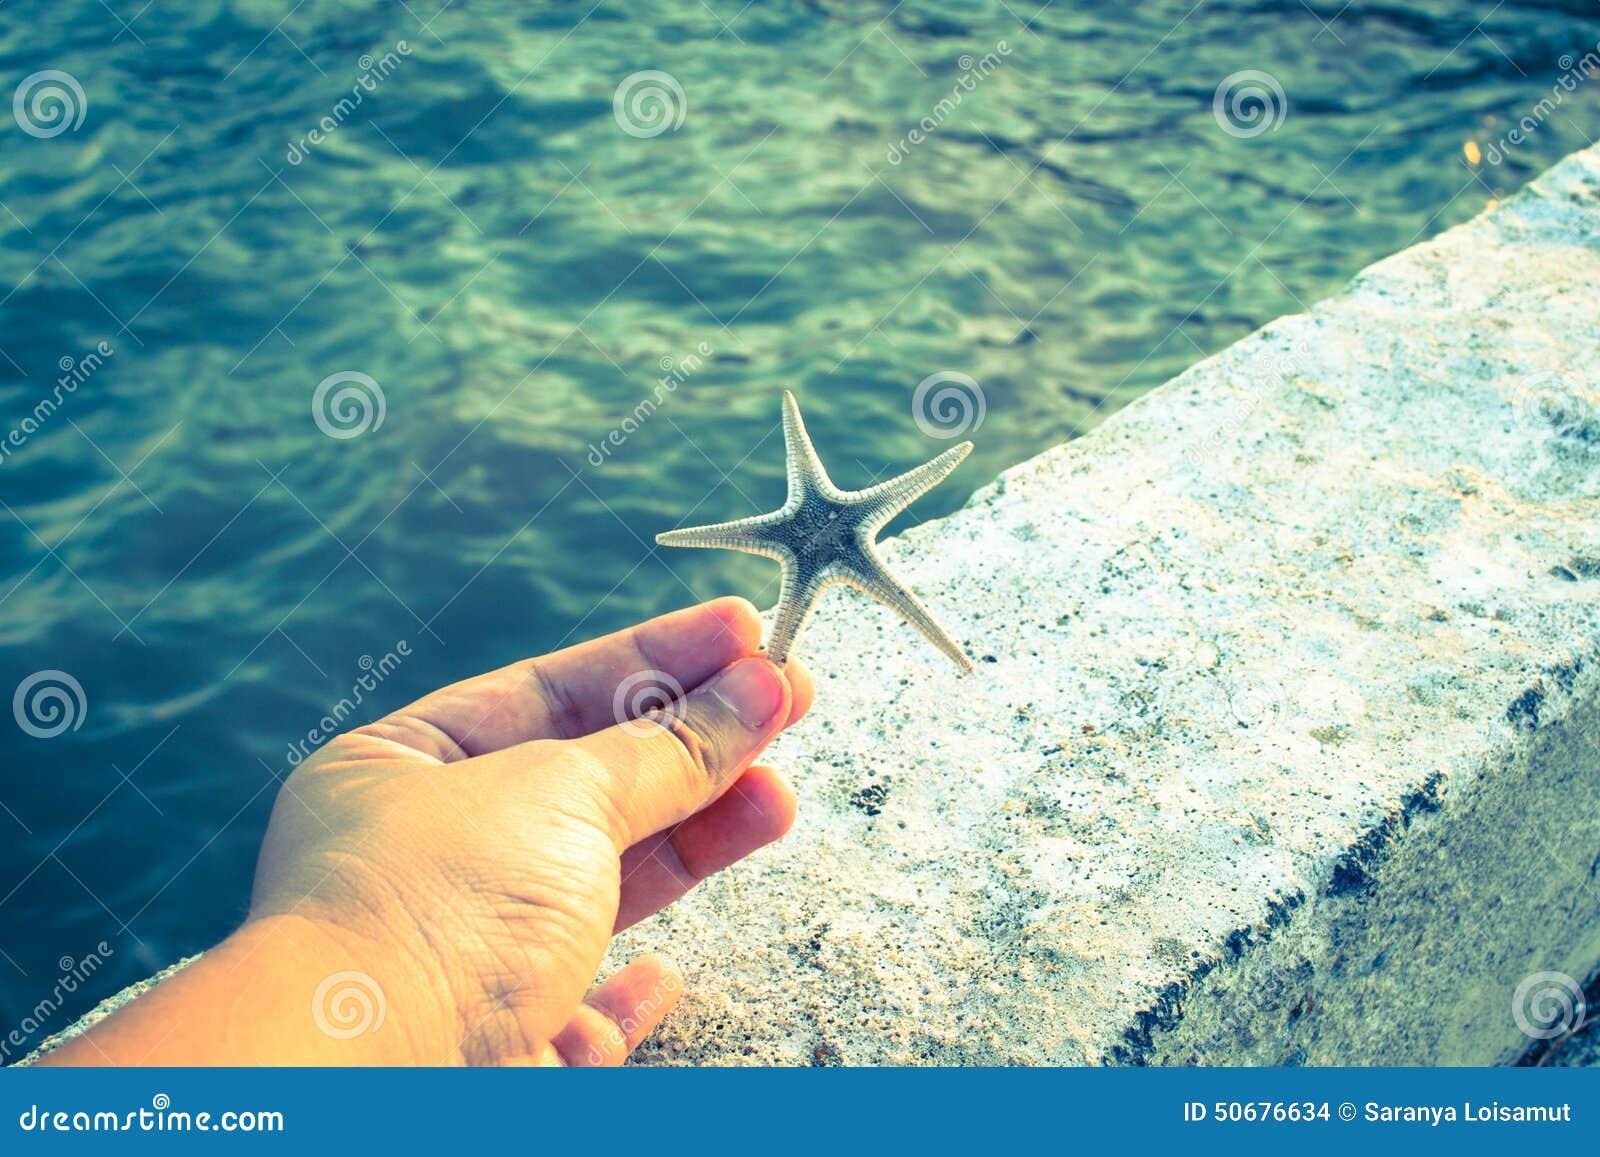 Download 拿着海星的手 库存照片. 图片 包括有 水族馆, 海星, 海洋, 星形, 火箭筒, 自然, 装饰, 本质 - 50676634